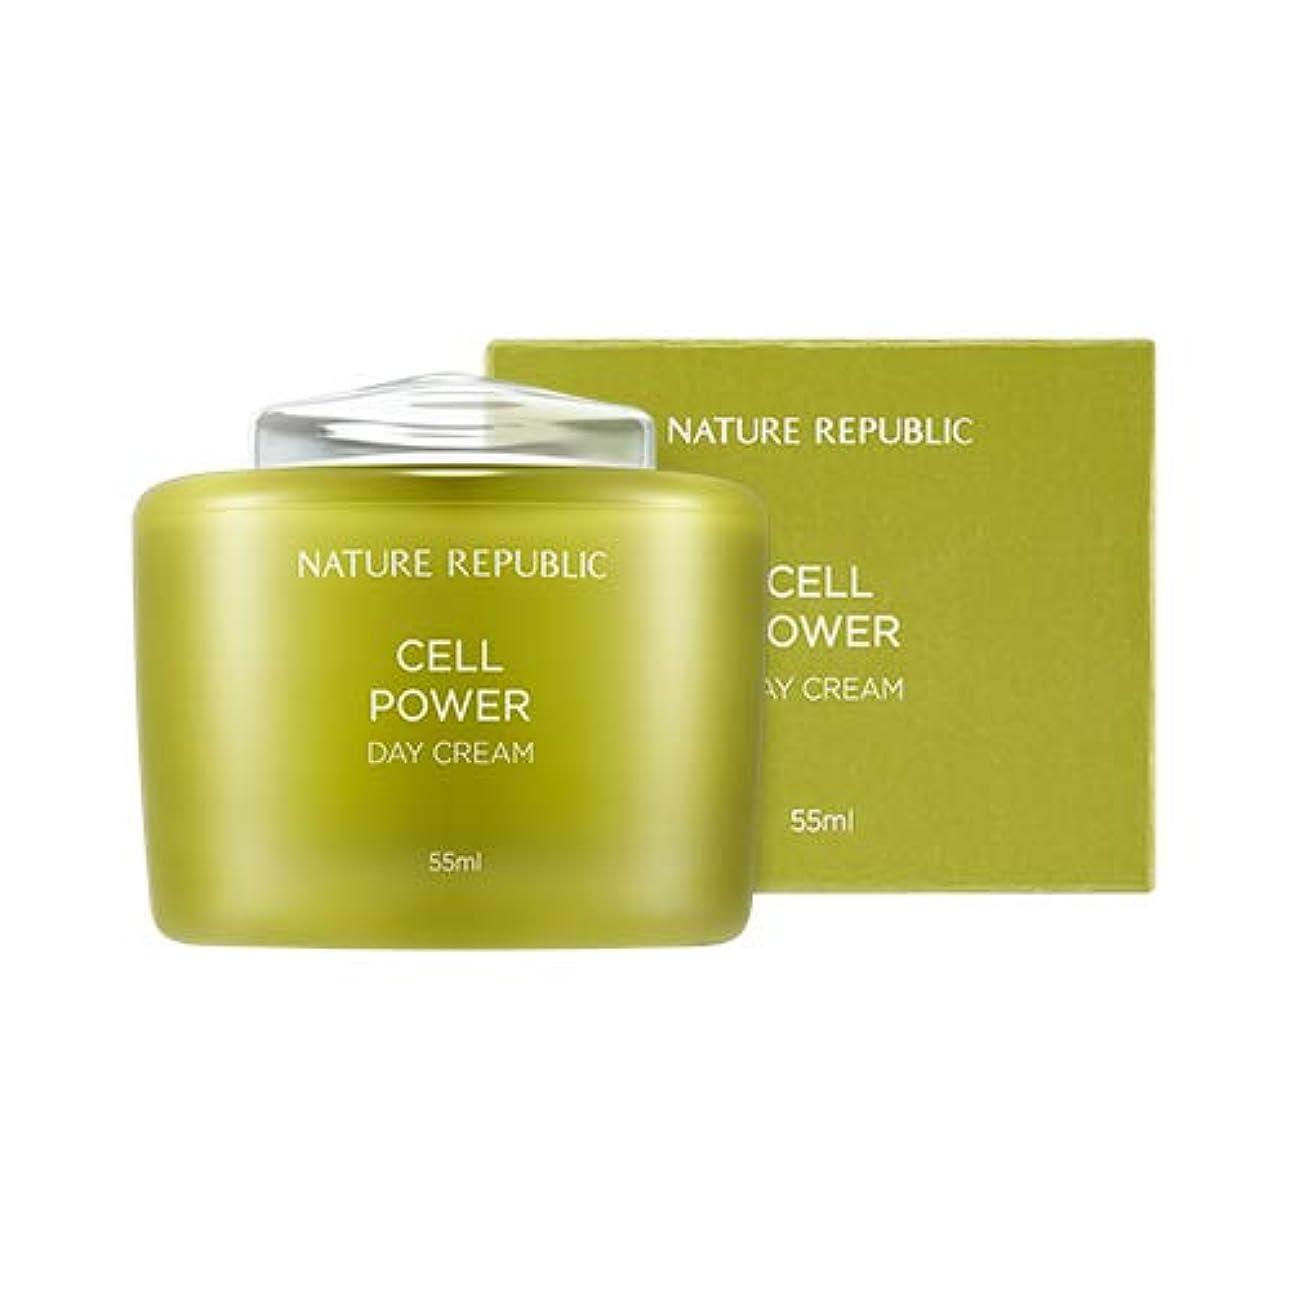 機械硬化する遺跡NATURE REPUBLIC Cell Power Day Cream/ネイチャーリパブリック セルパワー デイクリーム 55ml [並行輸入品]